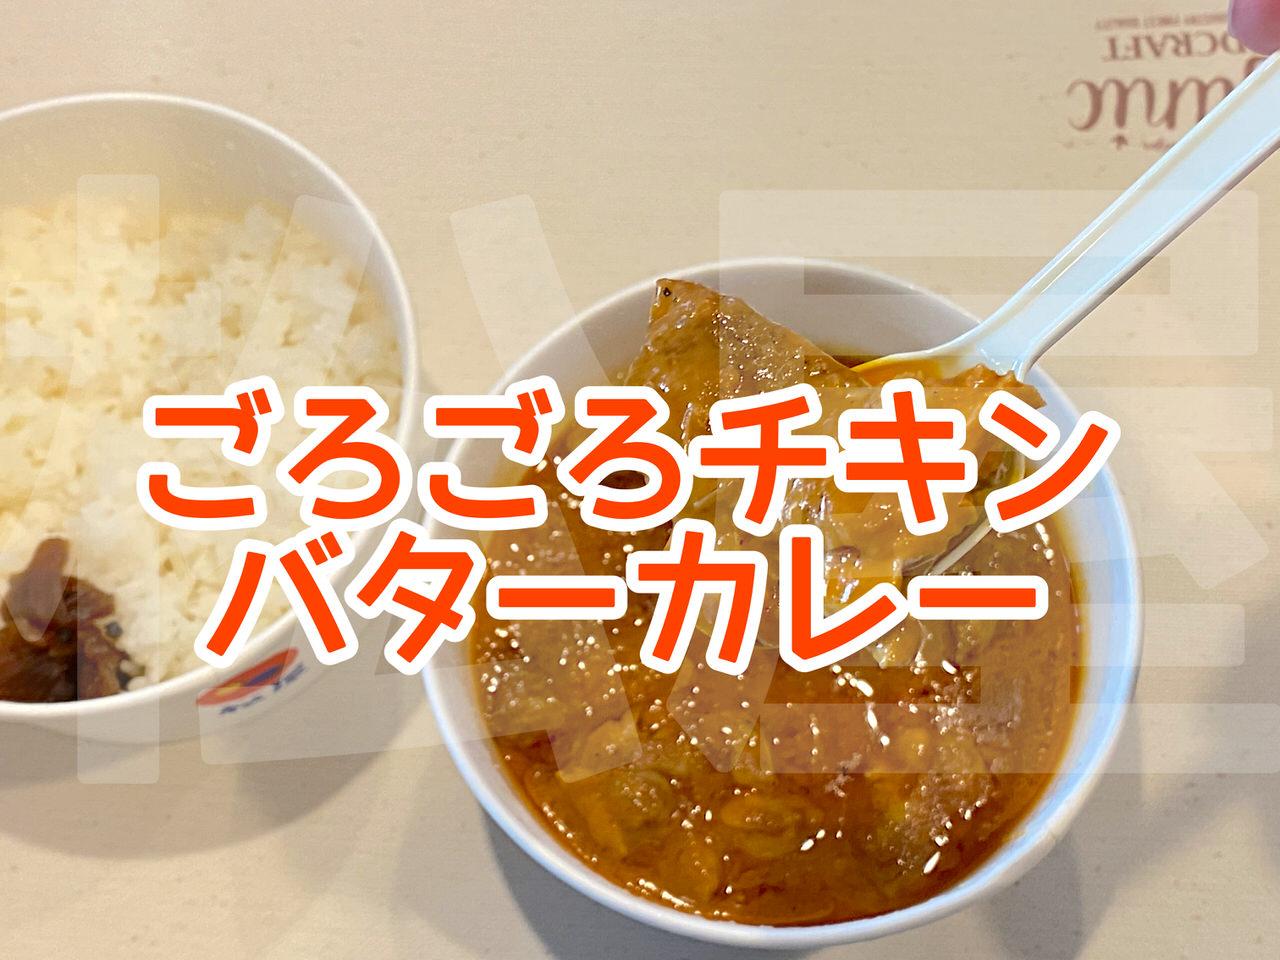 【松屋】2020年夏に最も売れたカレー「ごろごろチキンのバターチキンカレー」が復活!チキン8個は食べごたえありすぎ!